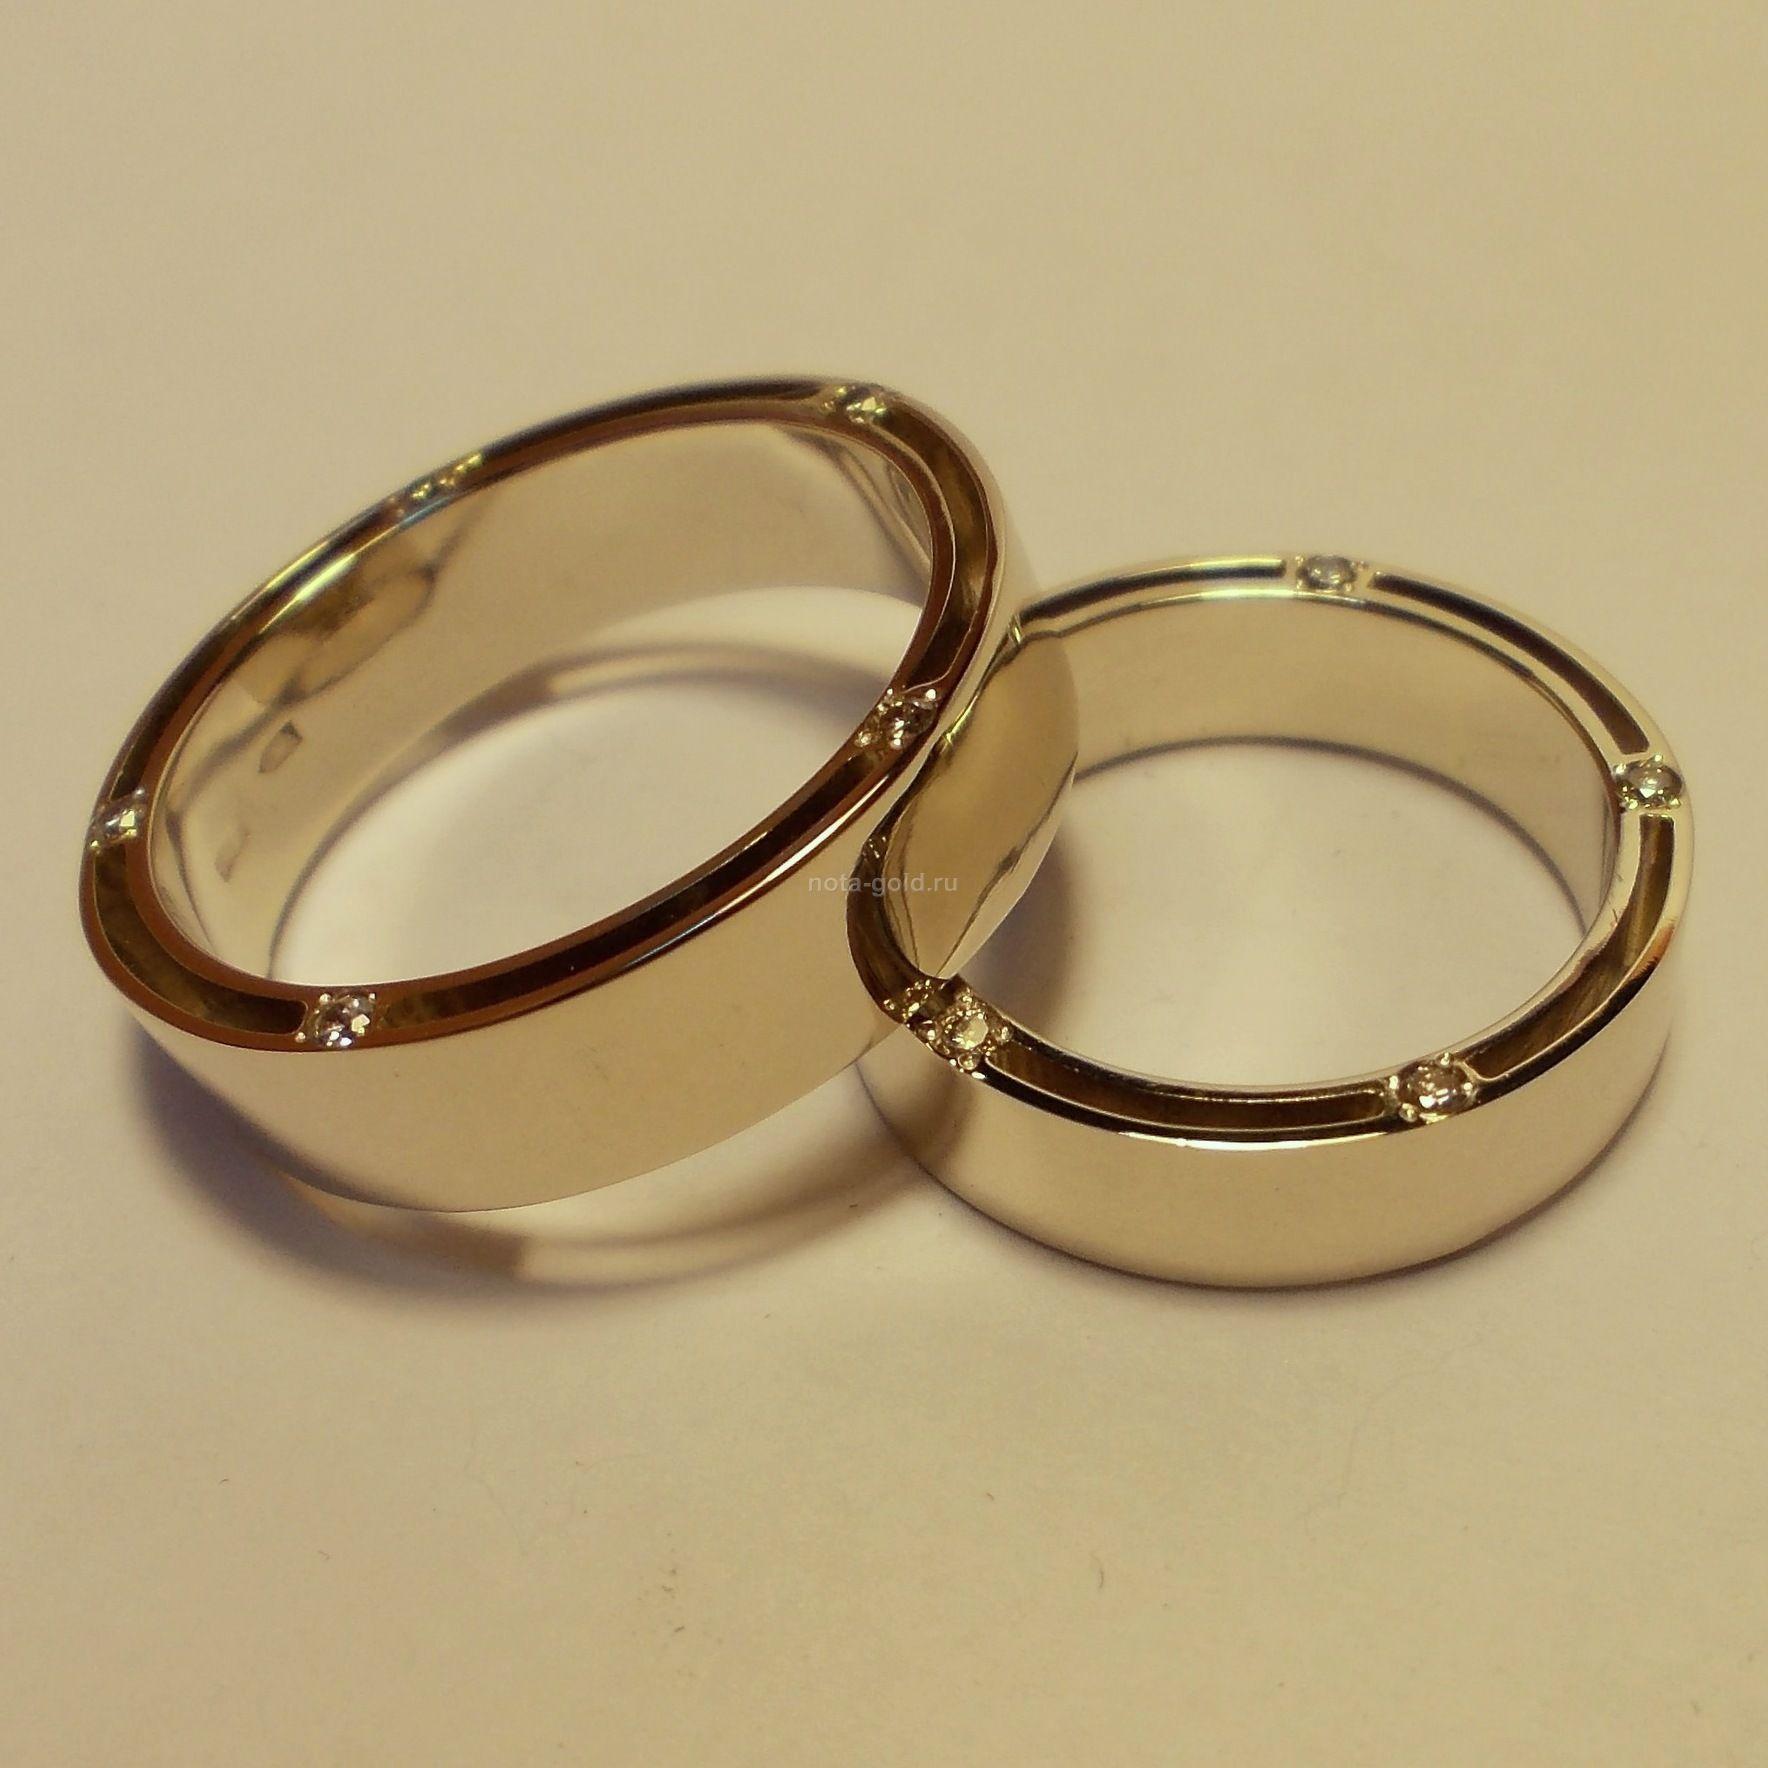 978cf21b9b37 Обручальные кольца эксклюзивные   Обручальные кольца   Pinterest ...